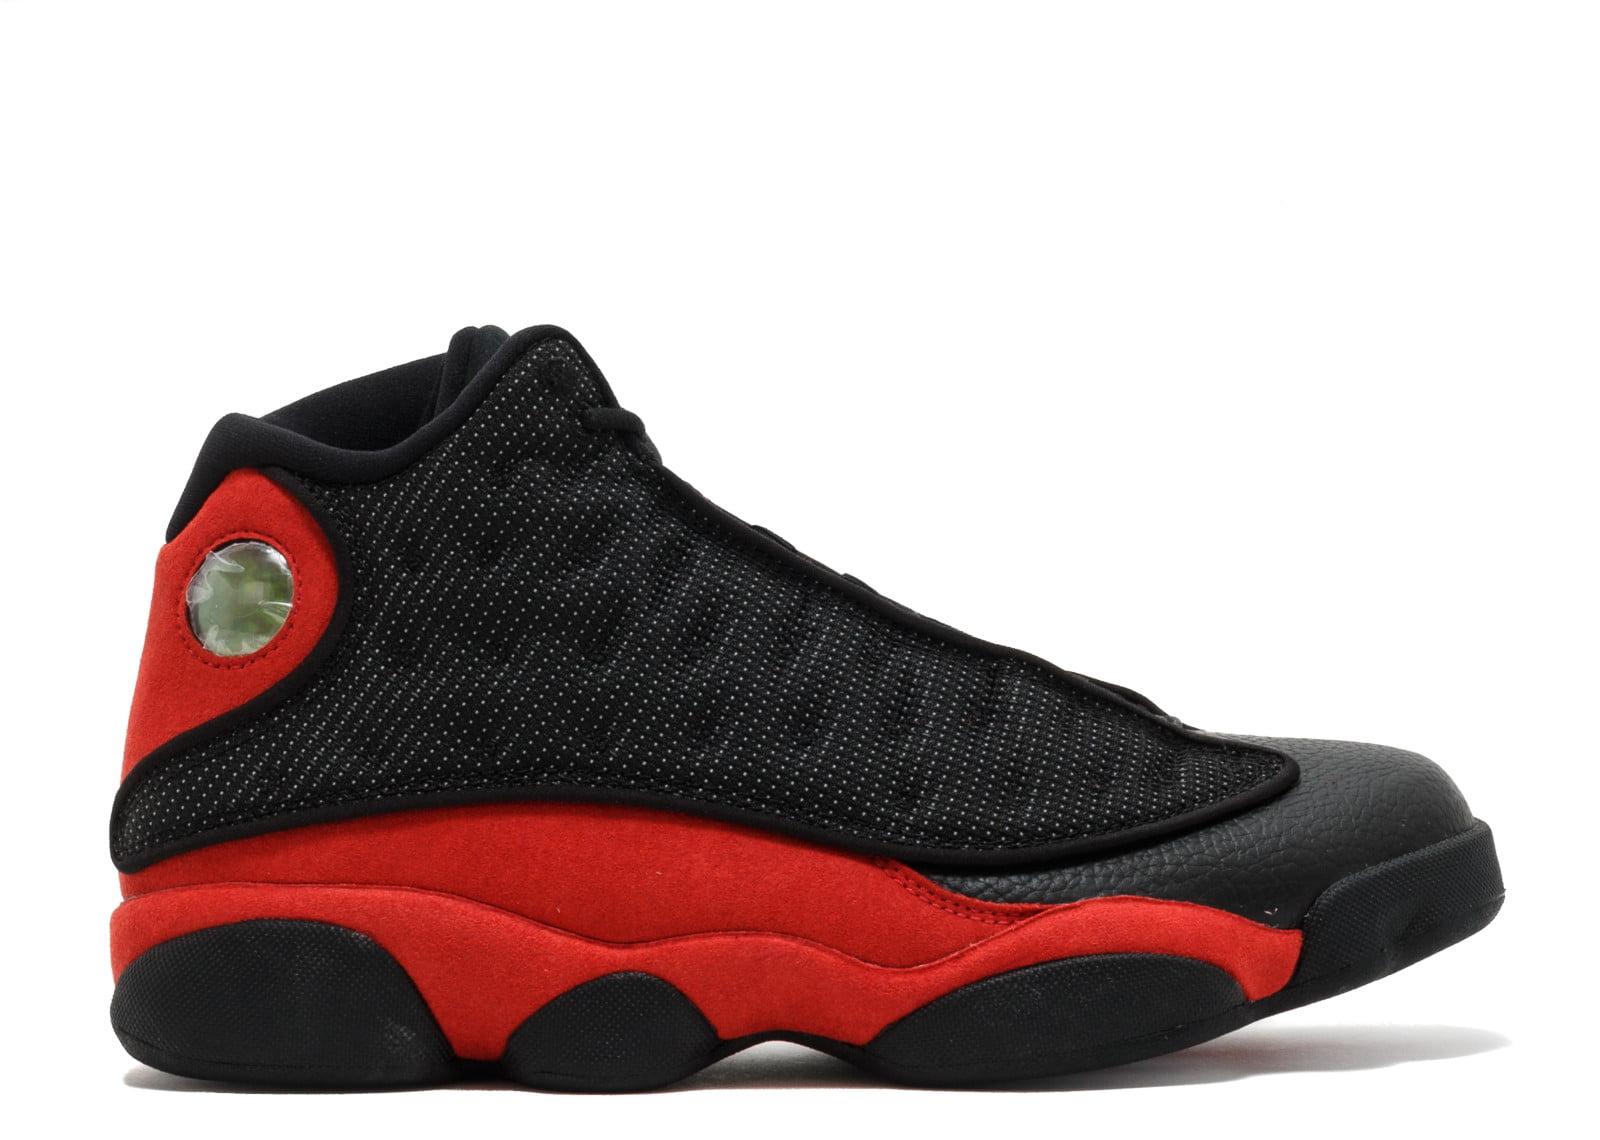 best loved 63142 0479d Air Jordan - Men - Air Jordan 13 Retro 'Bred' - 414571-004 - Size 8.5